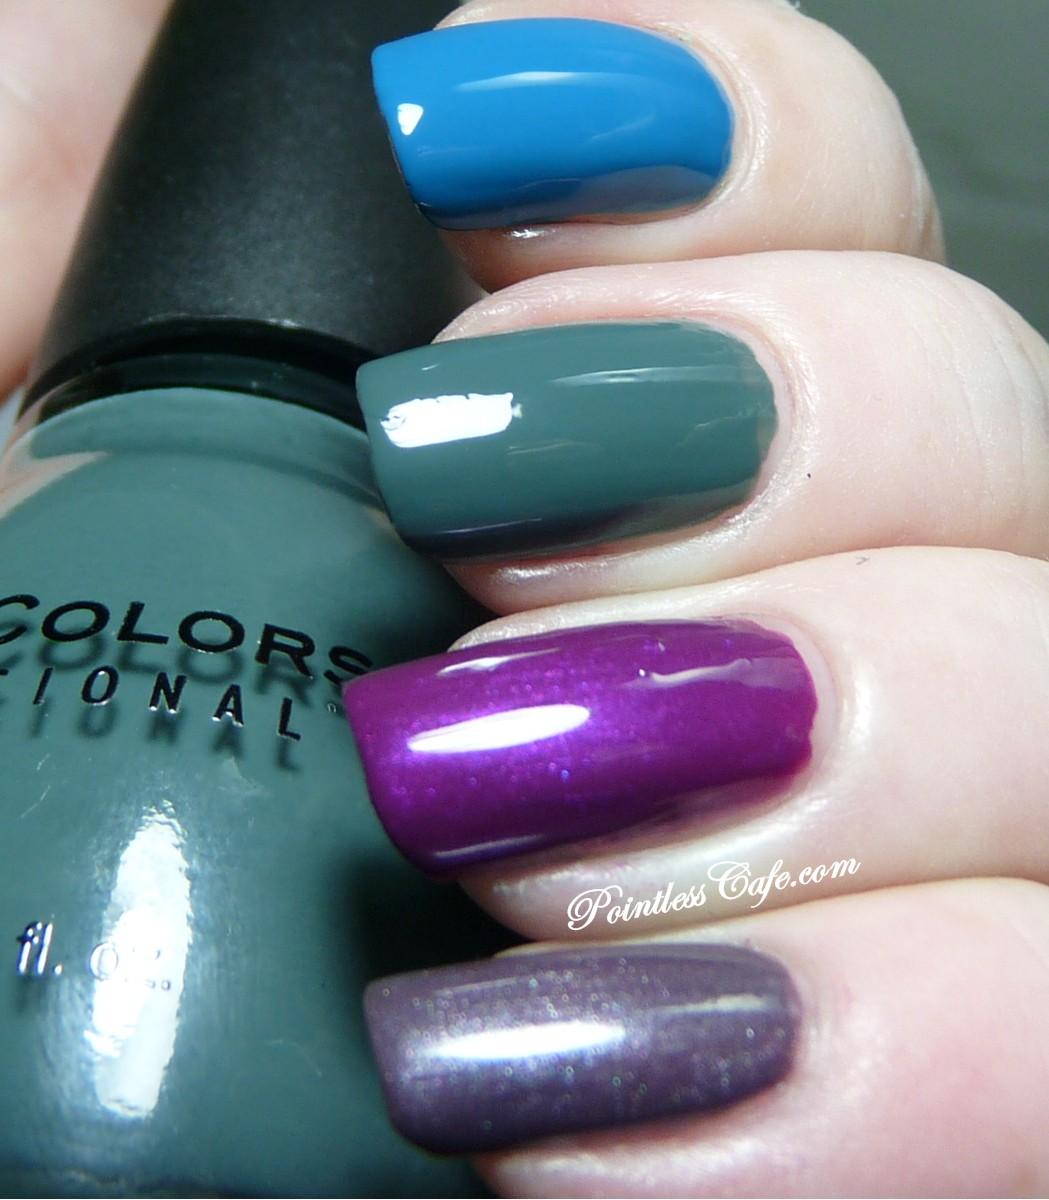 http://2.bp.blogspot.com/-GOBNXshZ4jI/T_zyVJVdBSI/AAAAAAAAIUw/4AnoyCNqiSU/s1600/Sinful+Colors+Study+in+Style+2.jpg